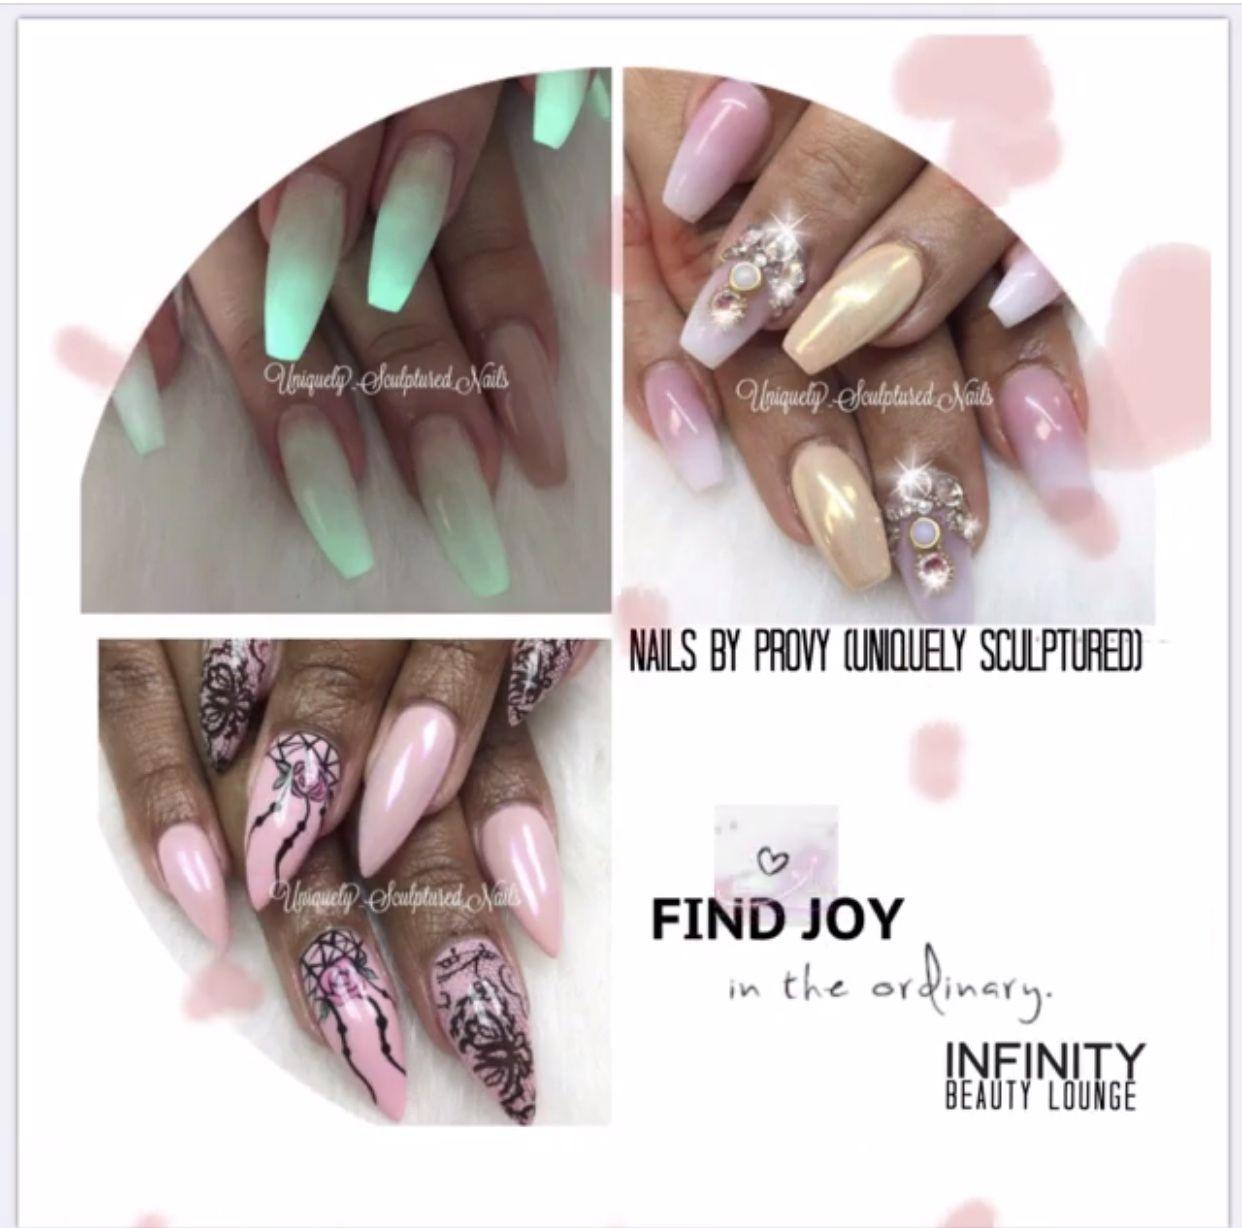 Infinity Beauty Jax 904 274 9333 Located At 3864 San Jose Park Dr Jax Fl 32217 Full Hair Nail Salon Jax J Graduation Nails Hair And Nail Salon Nail Shape